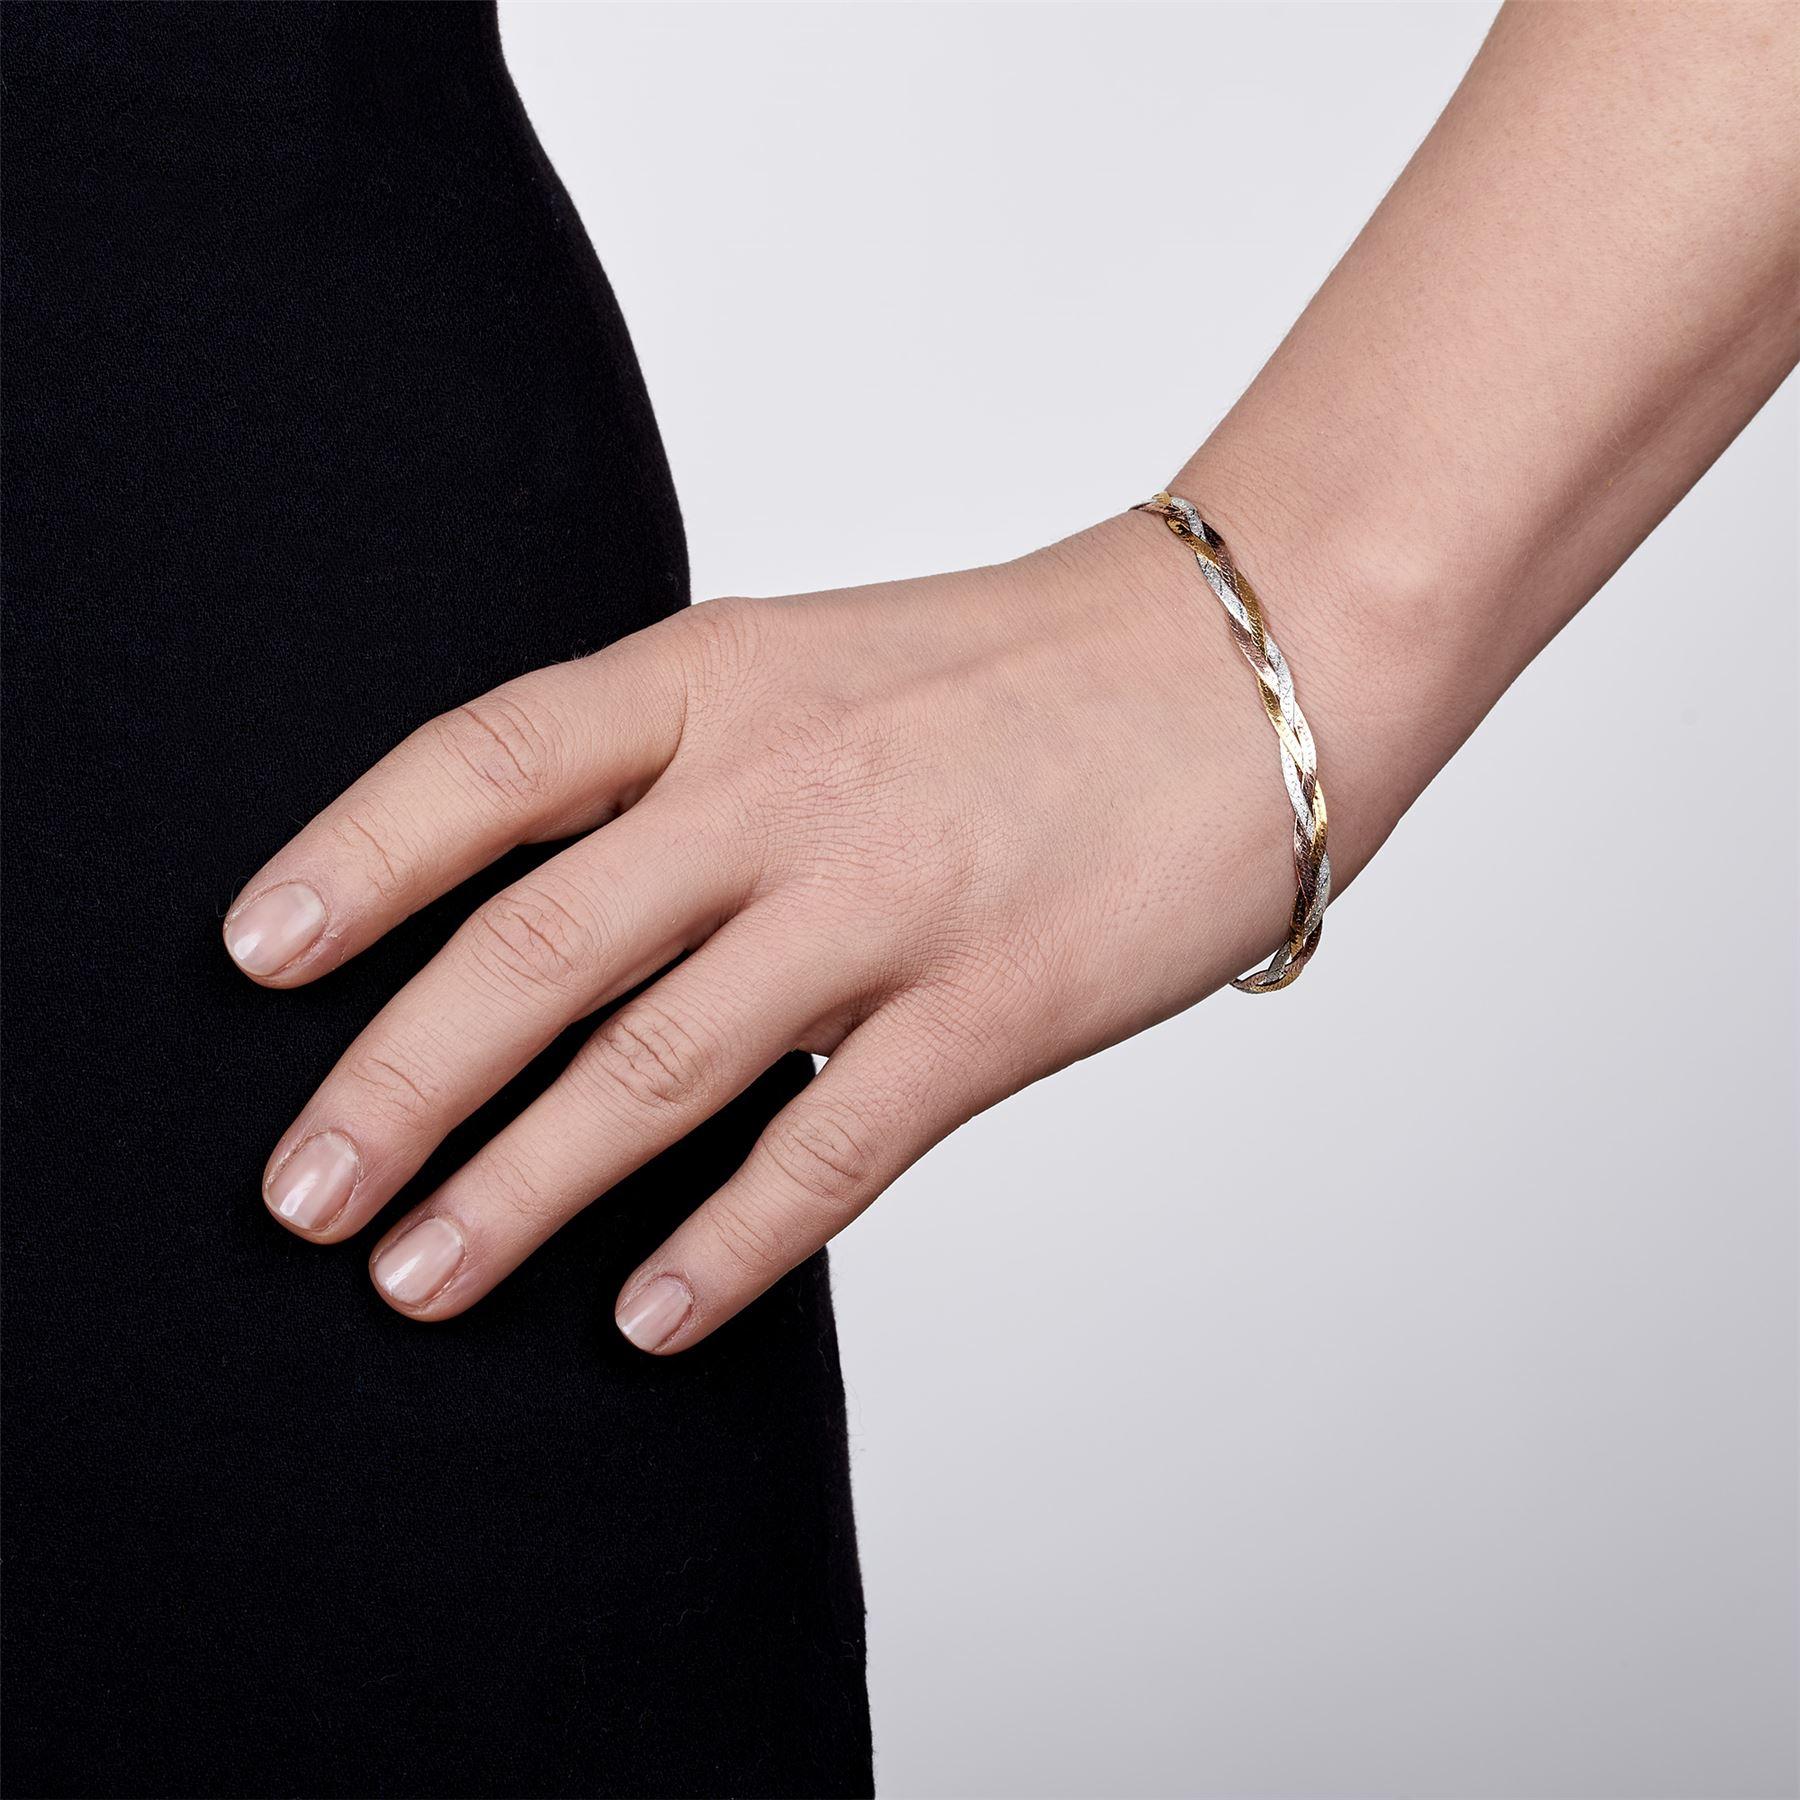 Amberta-Bijoux-Bracelet-en-Vrai-Argent-Sterling-925-Chaine-pour-Femme-a-la-Mode thumbnail 103